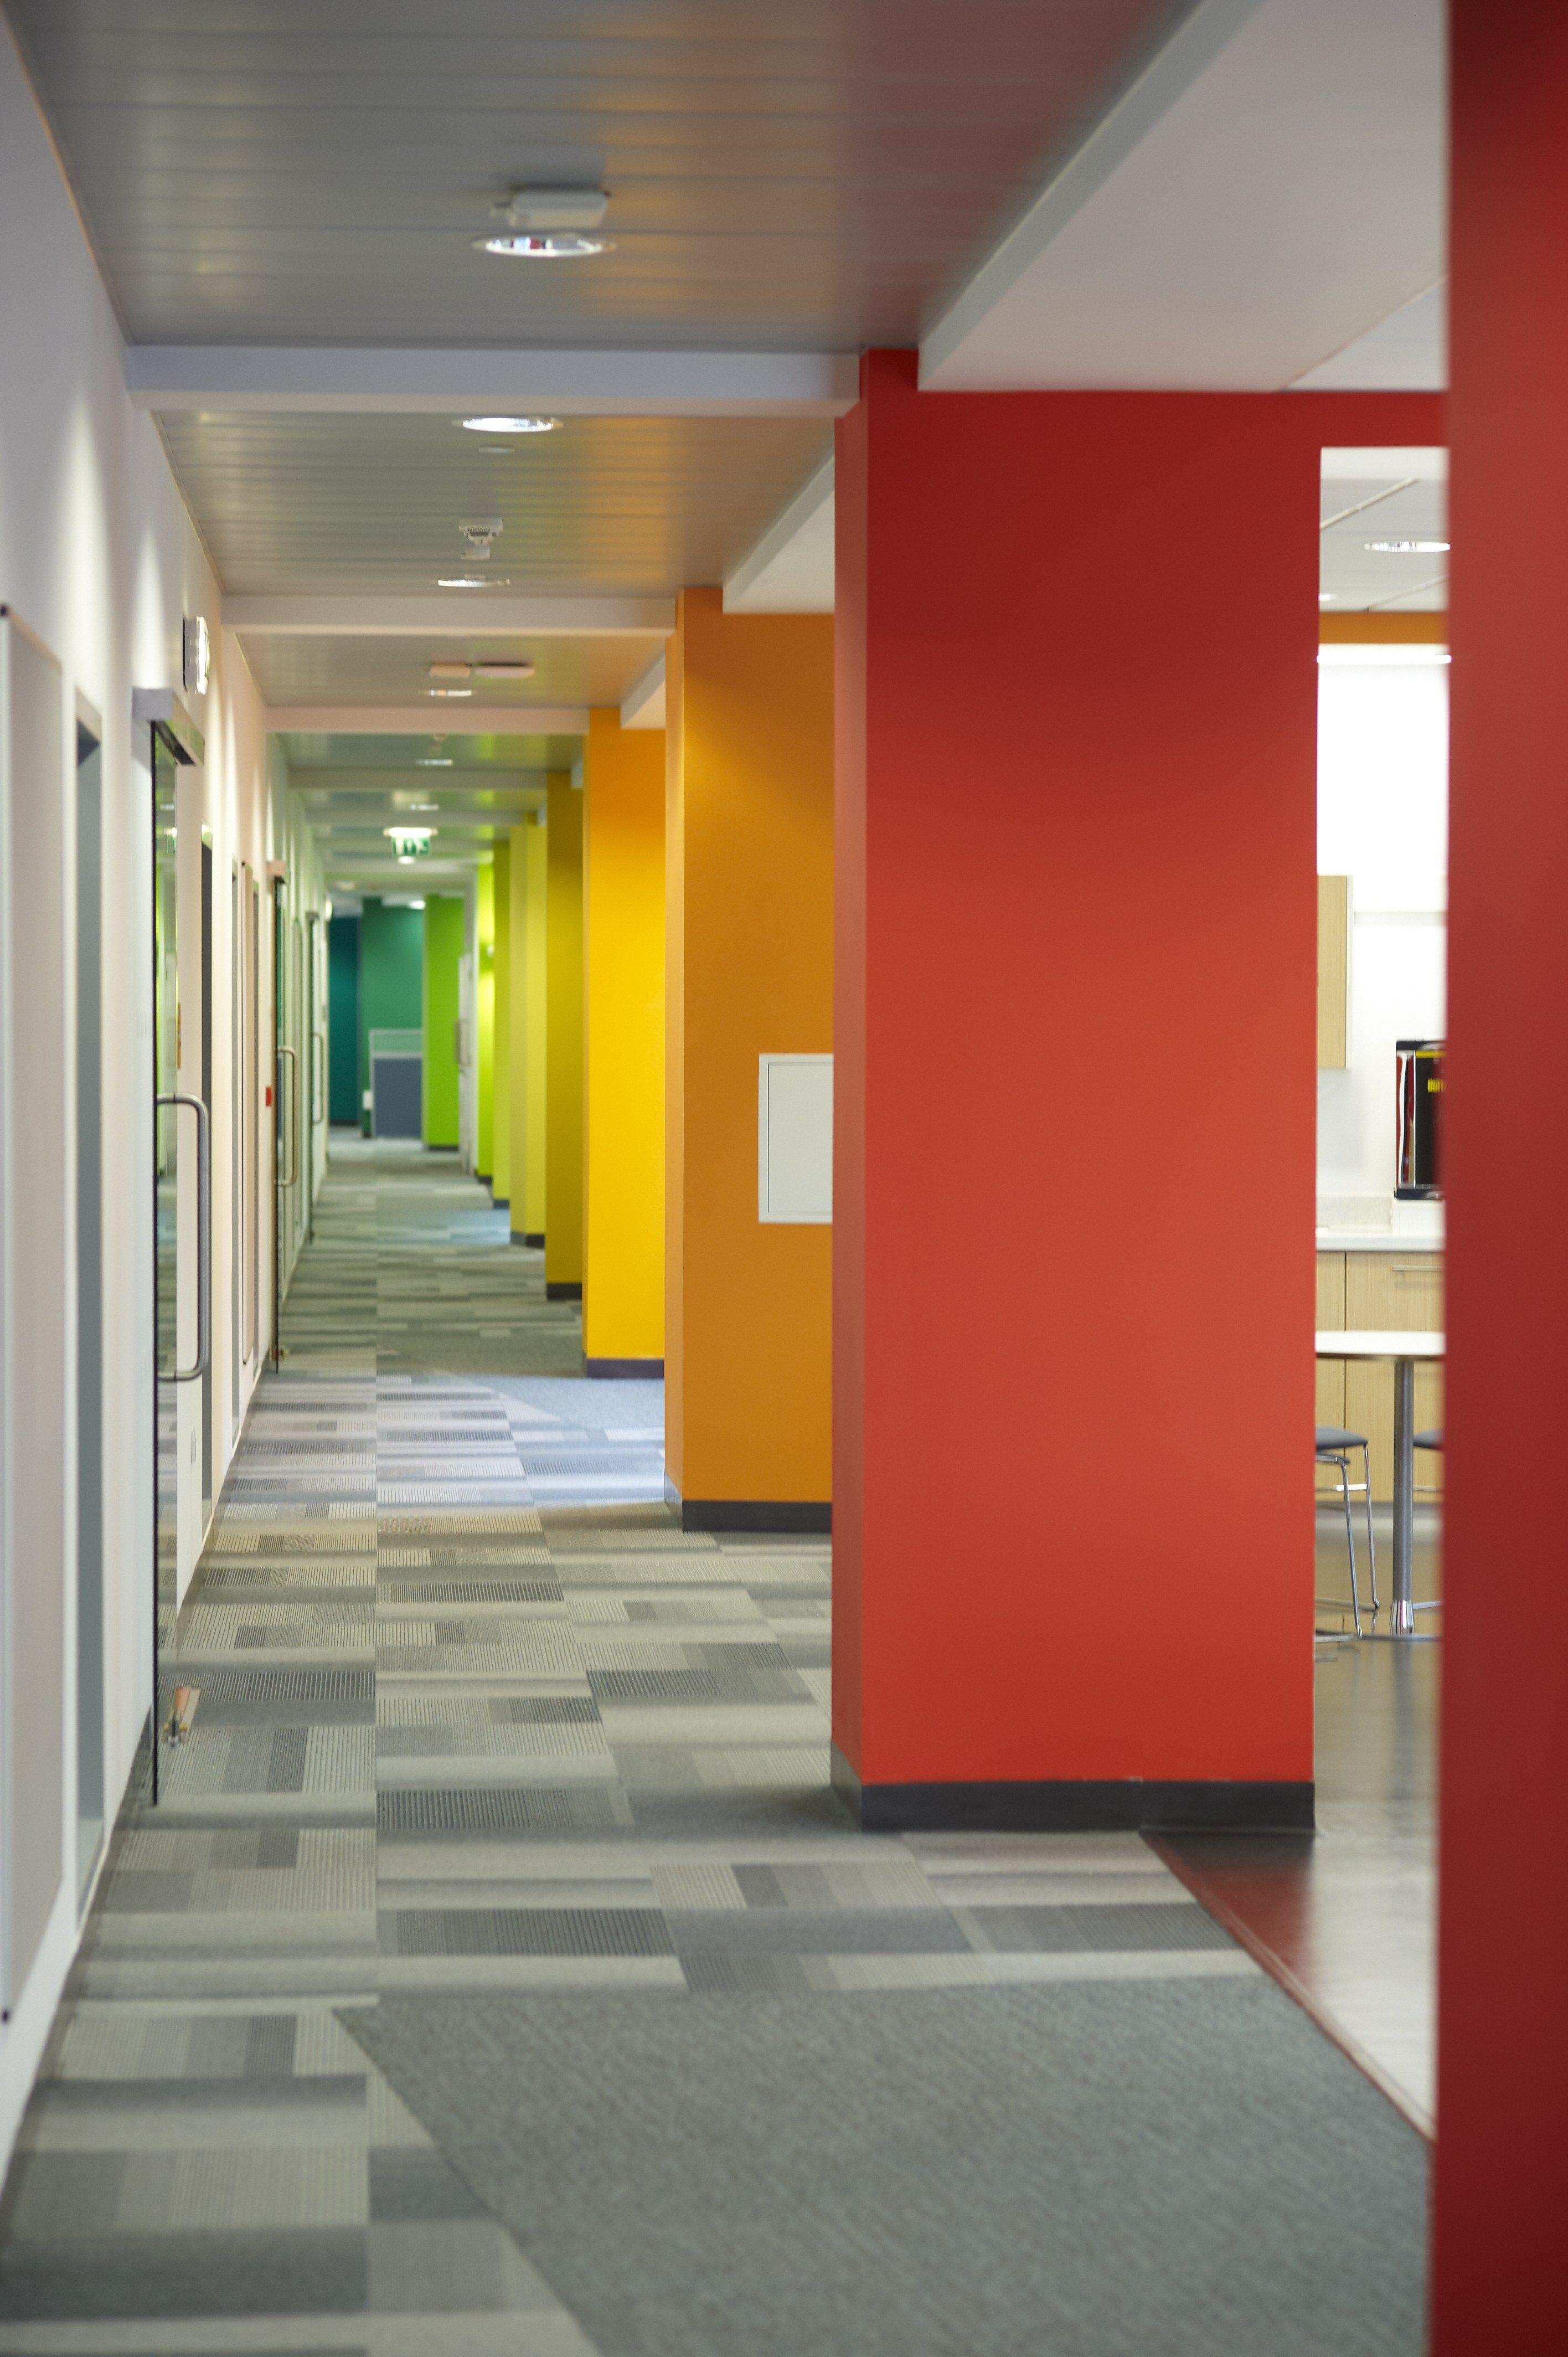 Corridor Design: The Roslin Institute Building HDR Architecture